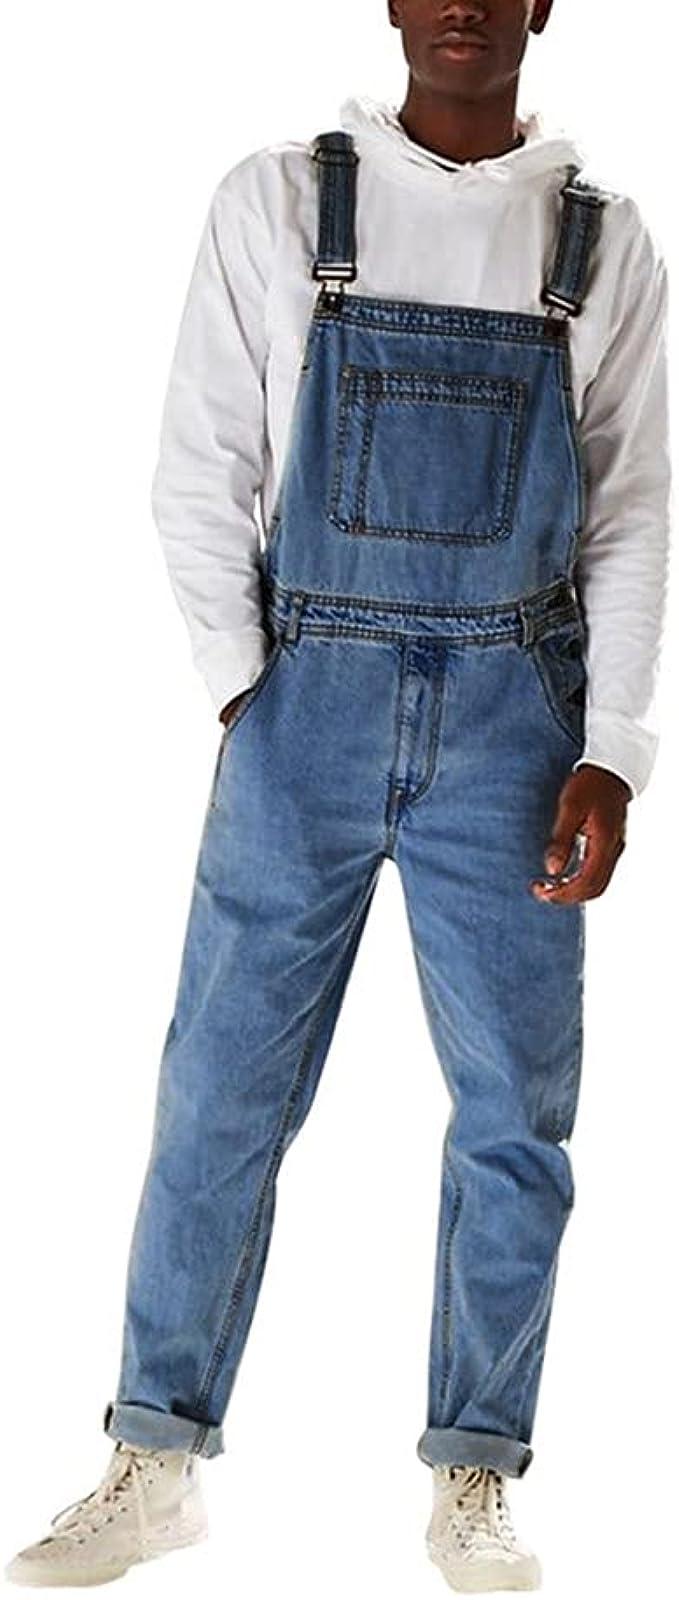 Herren Latzhose Cargo Jeans Latzjeans Cargo Denim Arbeitshose Overall Dungarees